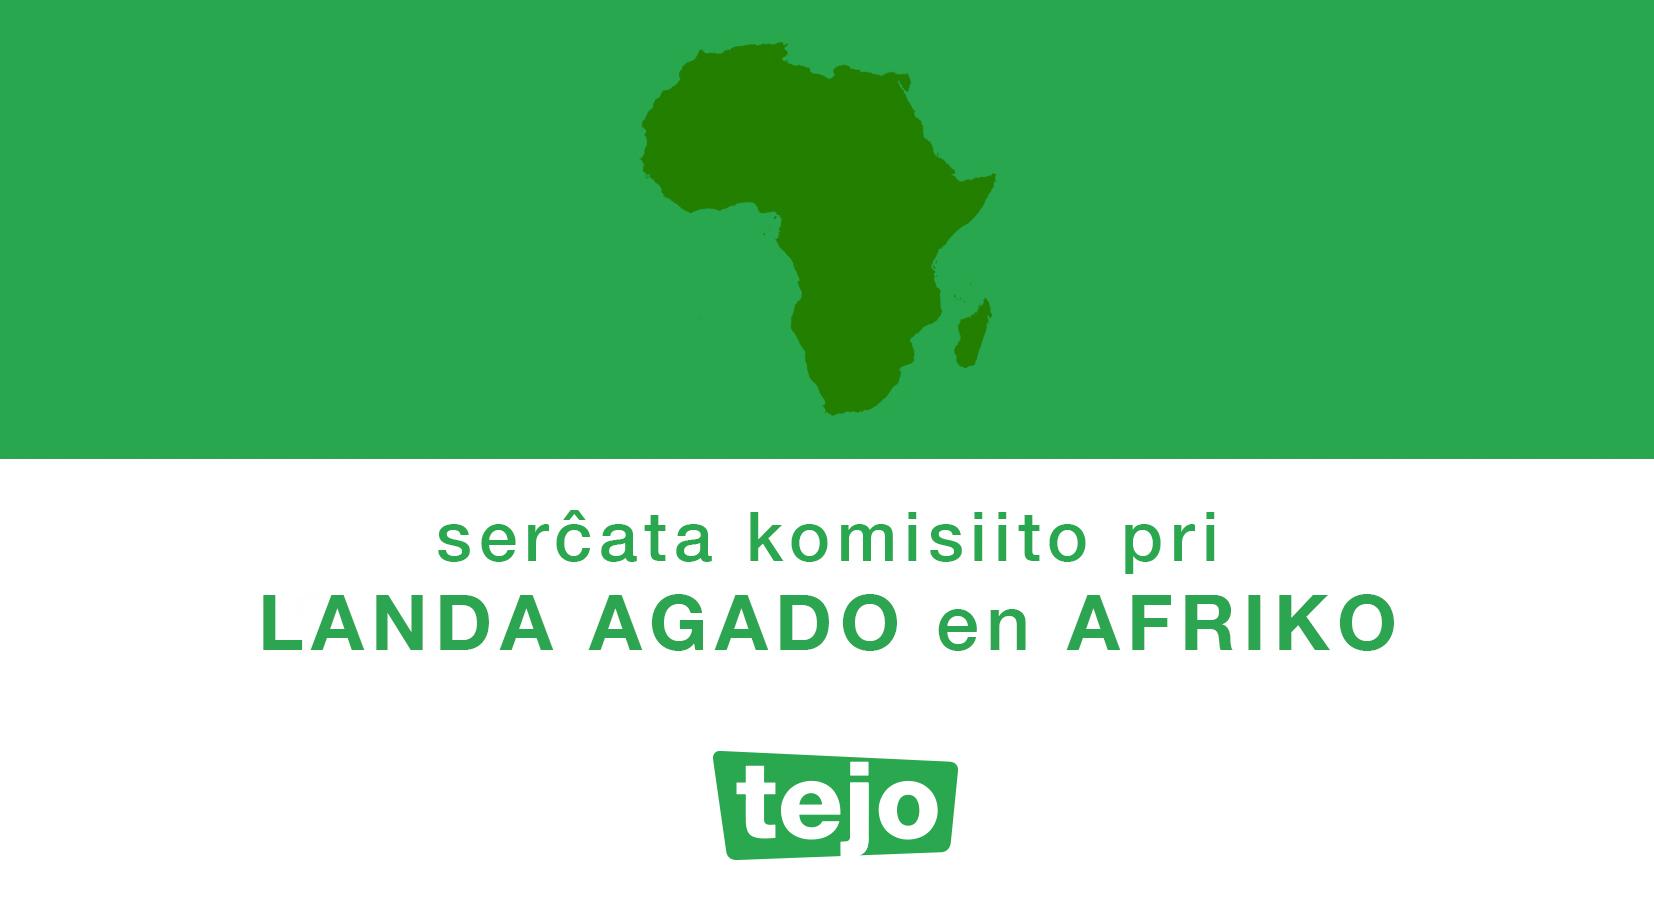 Serĉata komisiito pri Landa Agado en Afriko